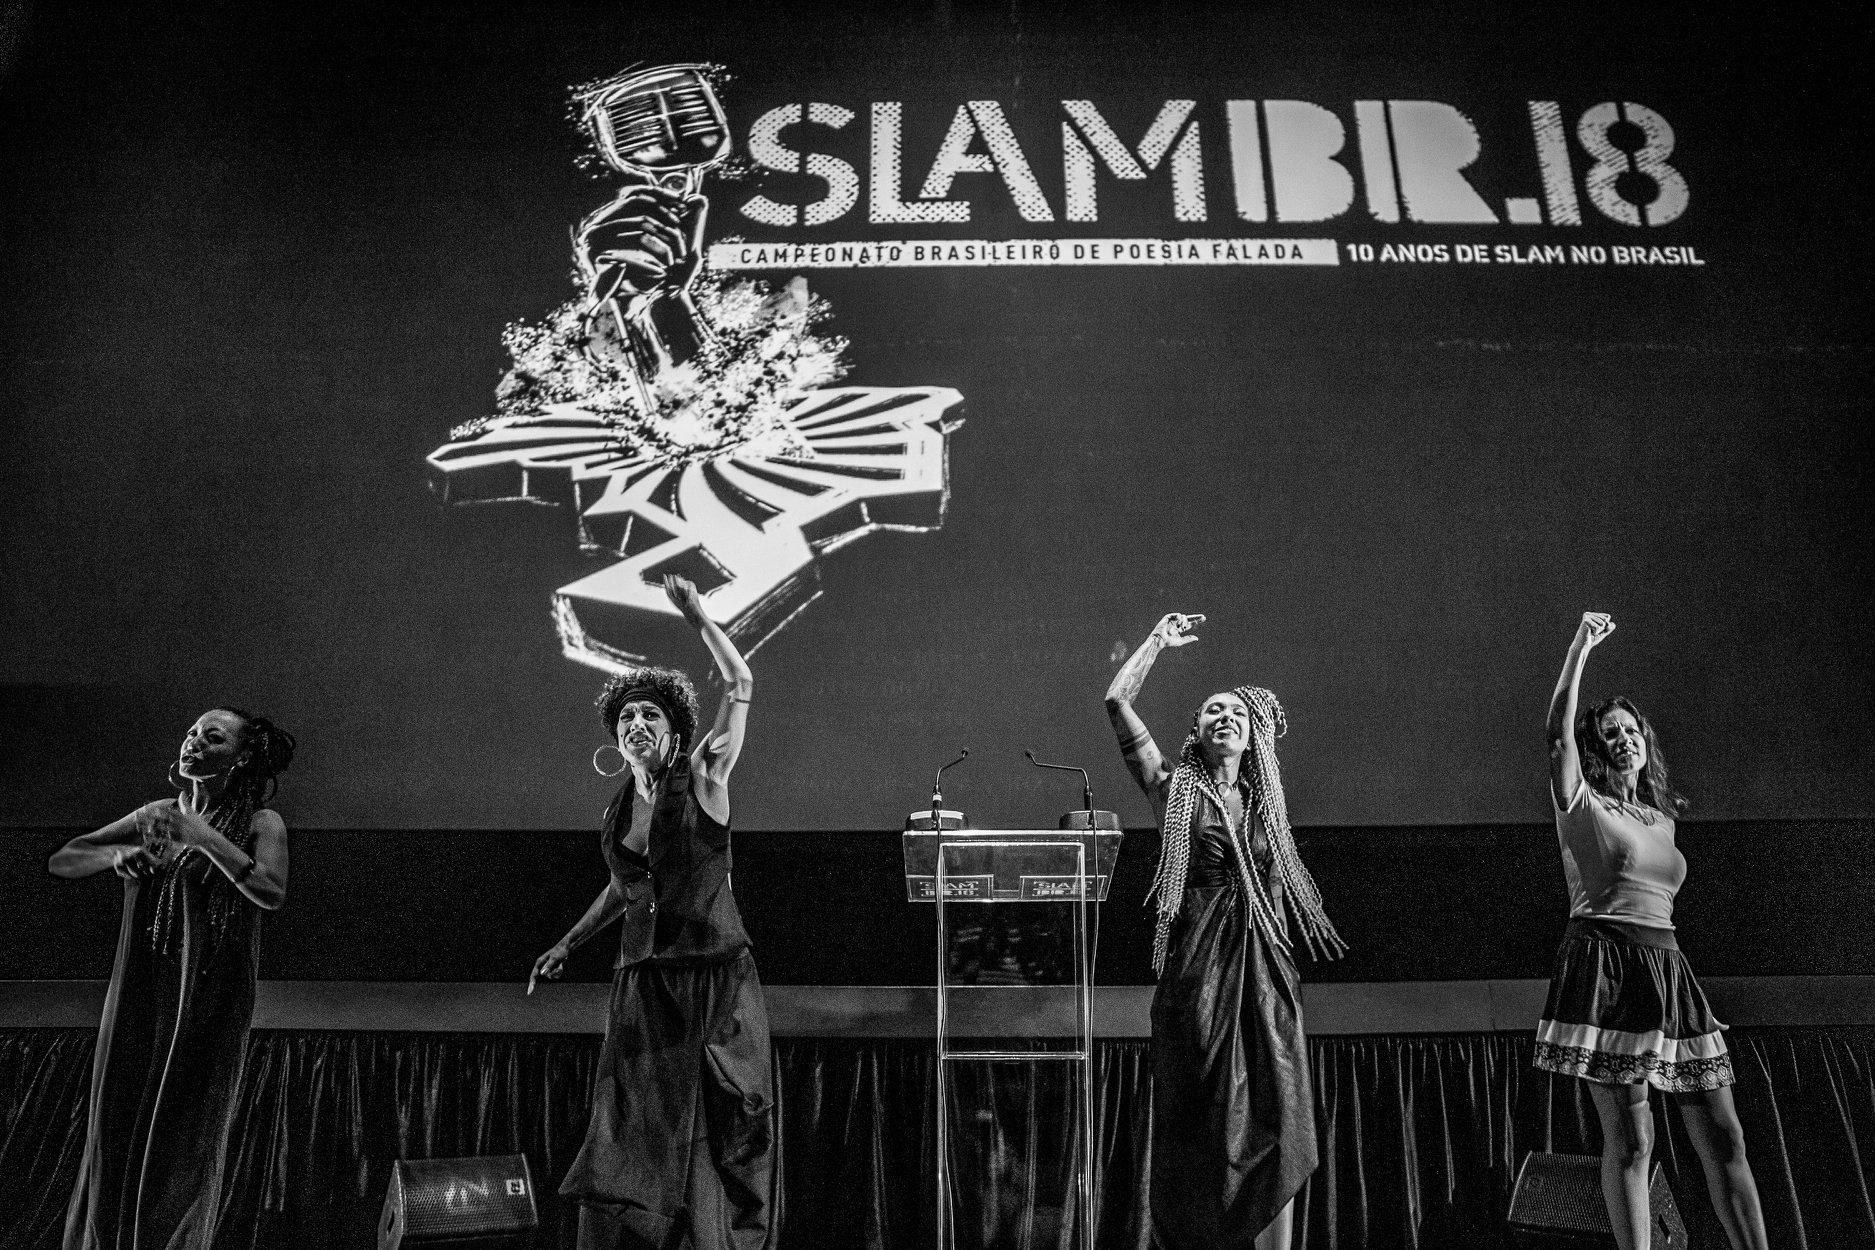 SLAM BR 2018: Mais um capítulo da revolução falada